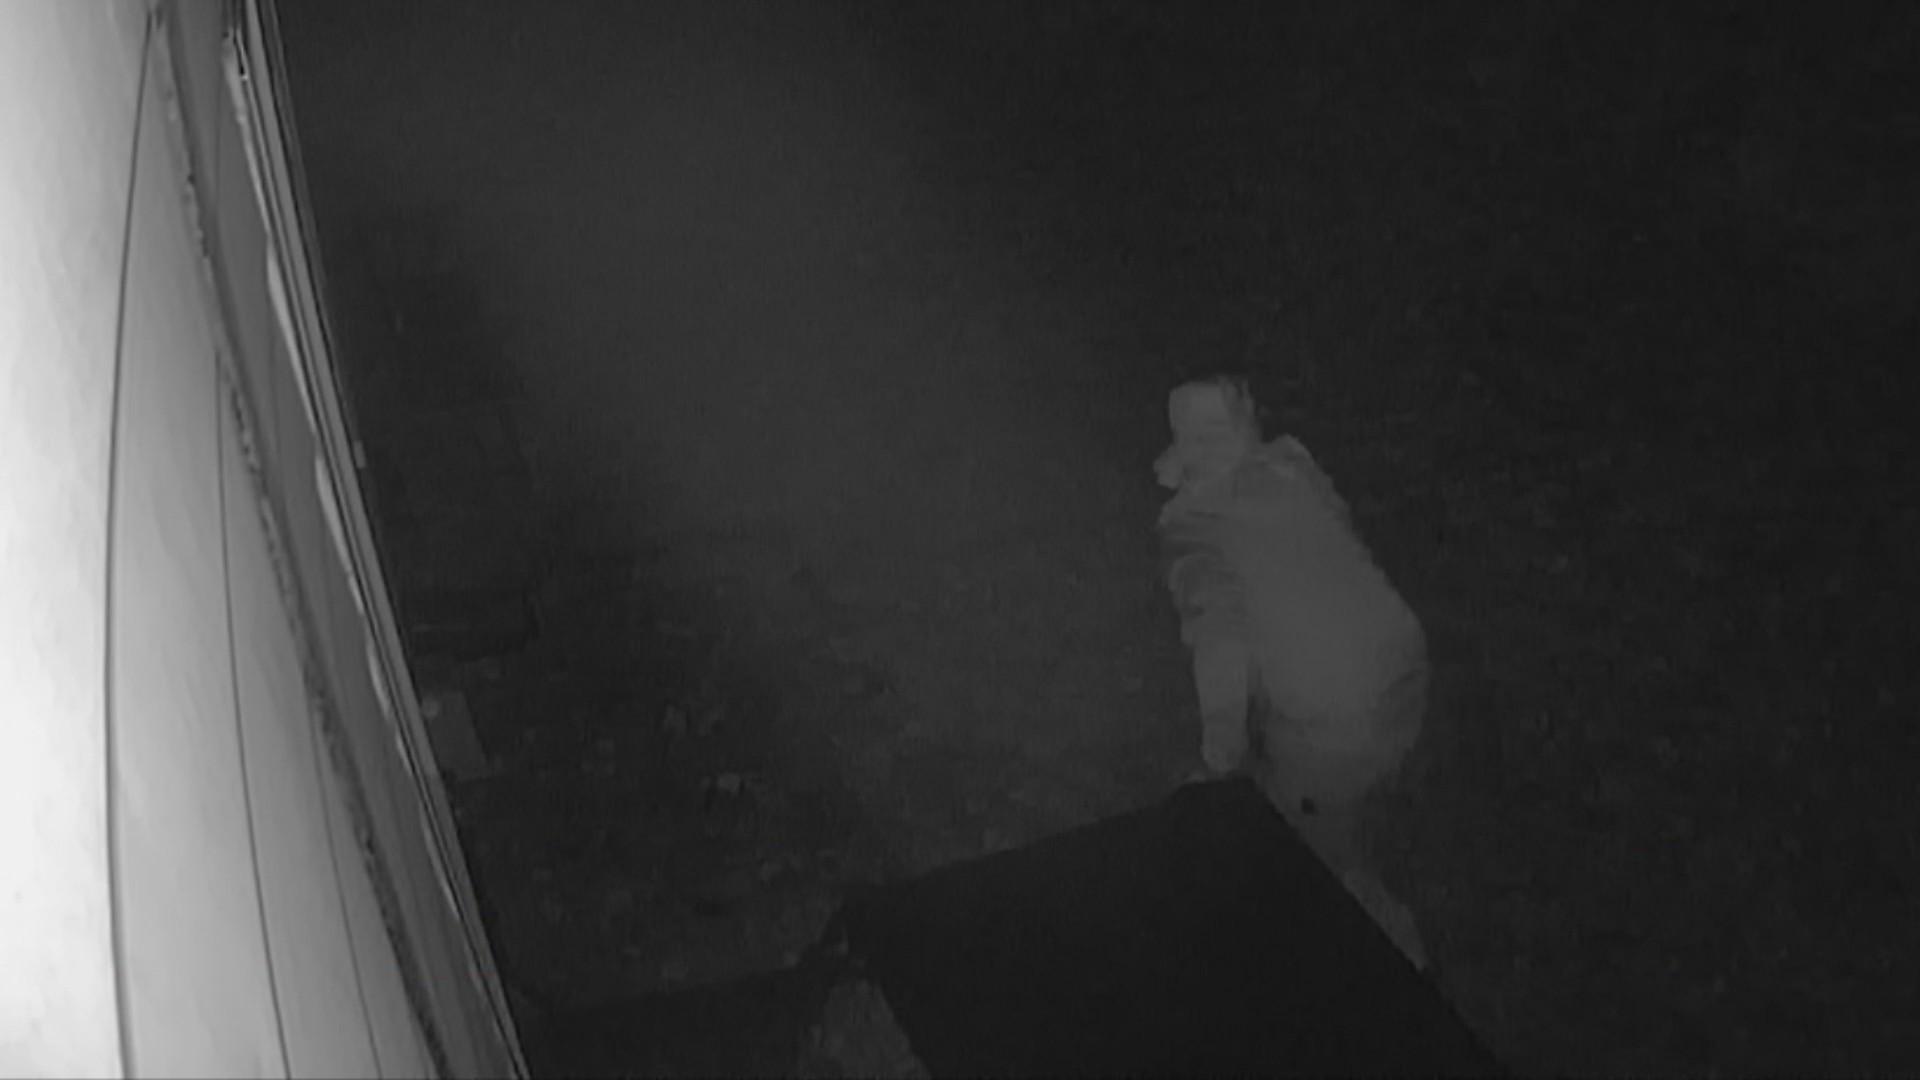 Creepy_peeping_tom_in_s__Nashville_0_20190109002537